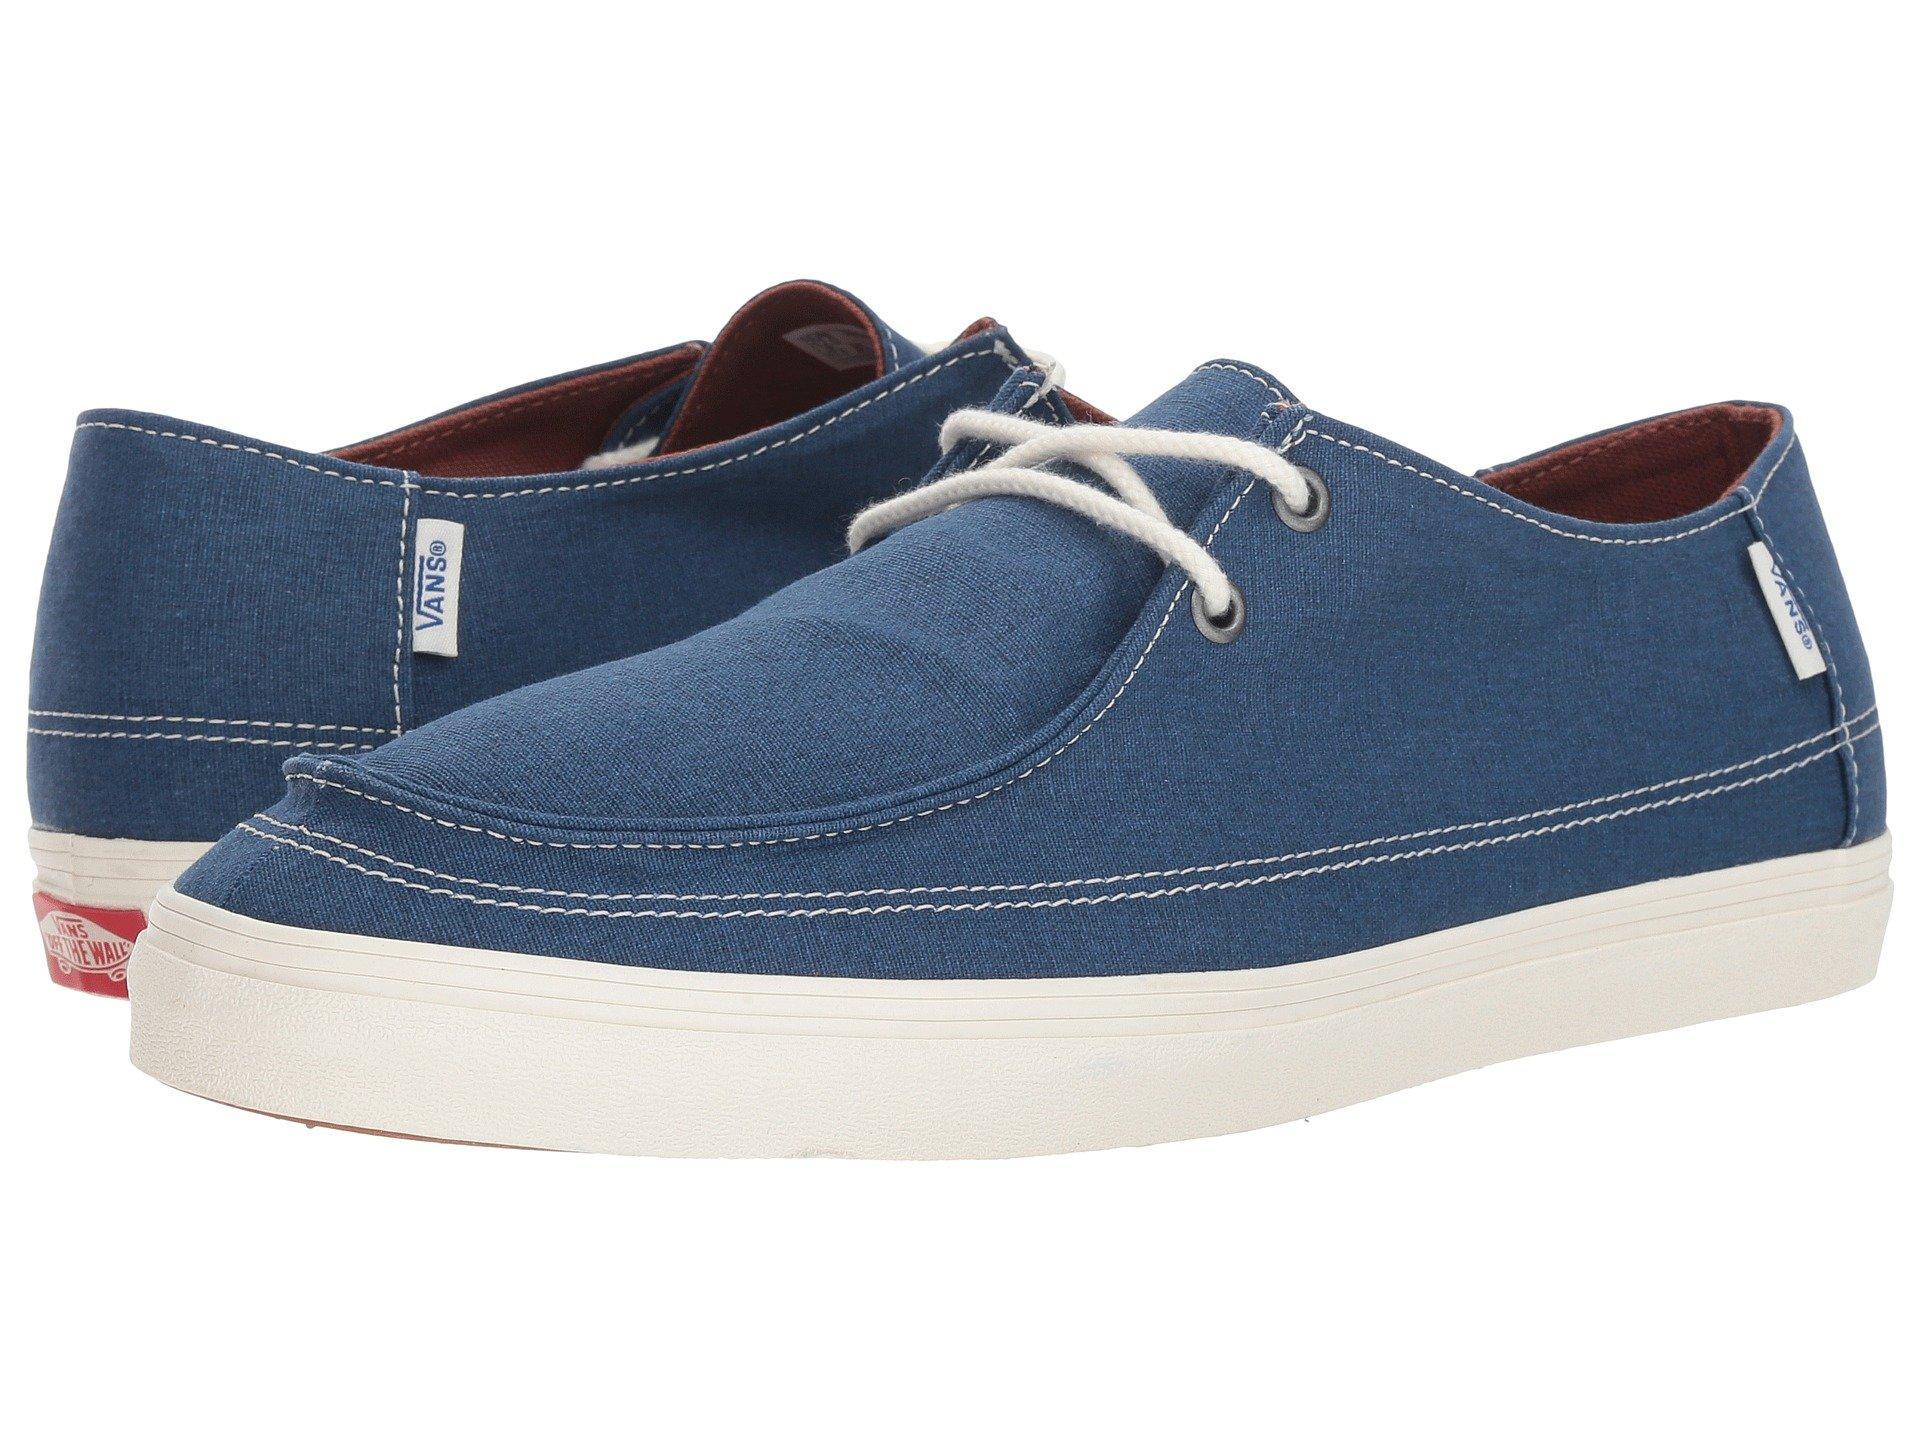 9edd60c67d502 Lyst - Vans Rata Vulc Sf in Blue for Men